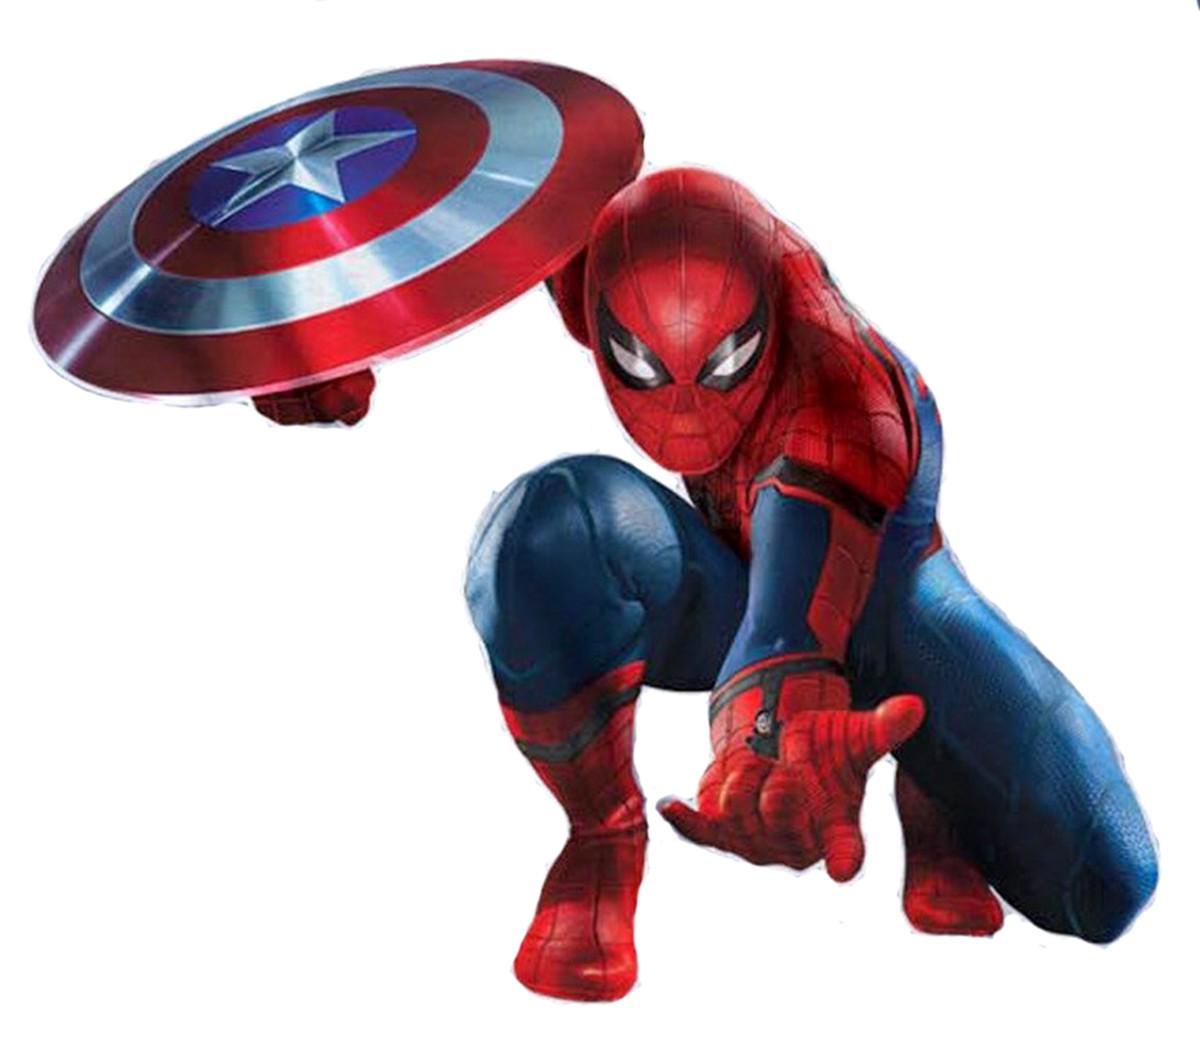 1200x1044 Spider Man Captain America Marvel Cinematic Universe Film Art